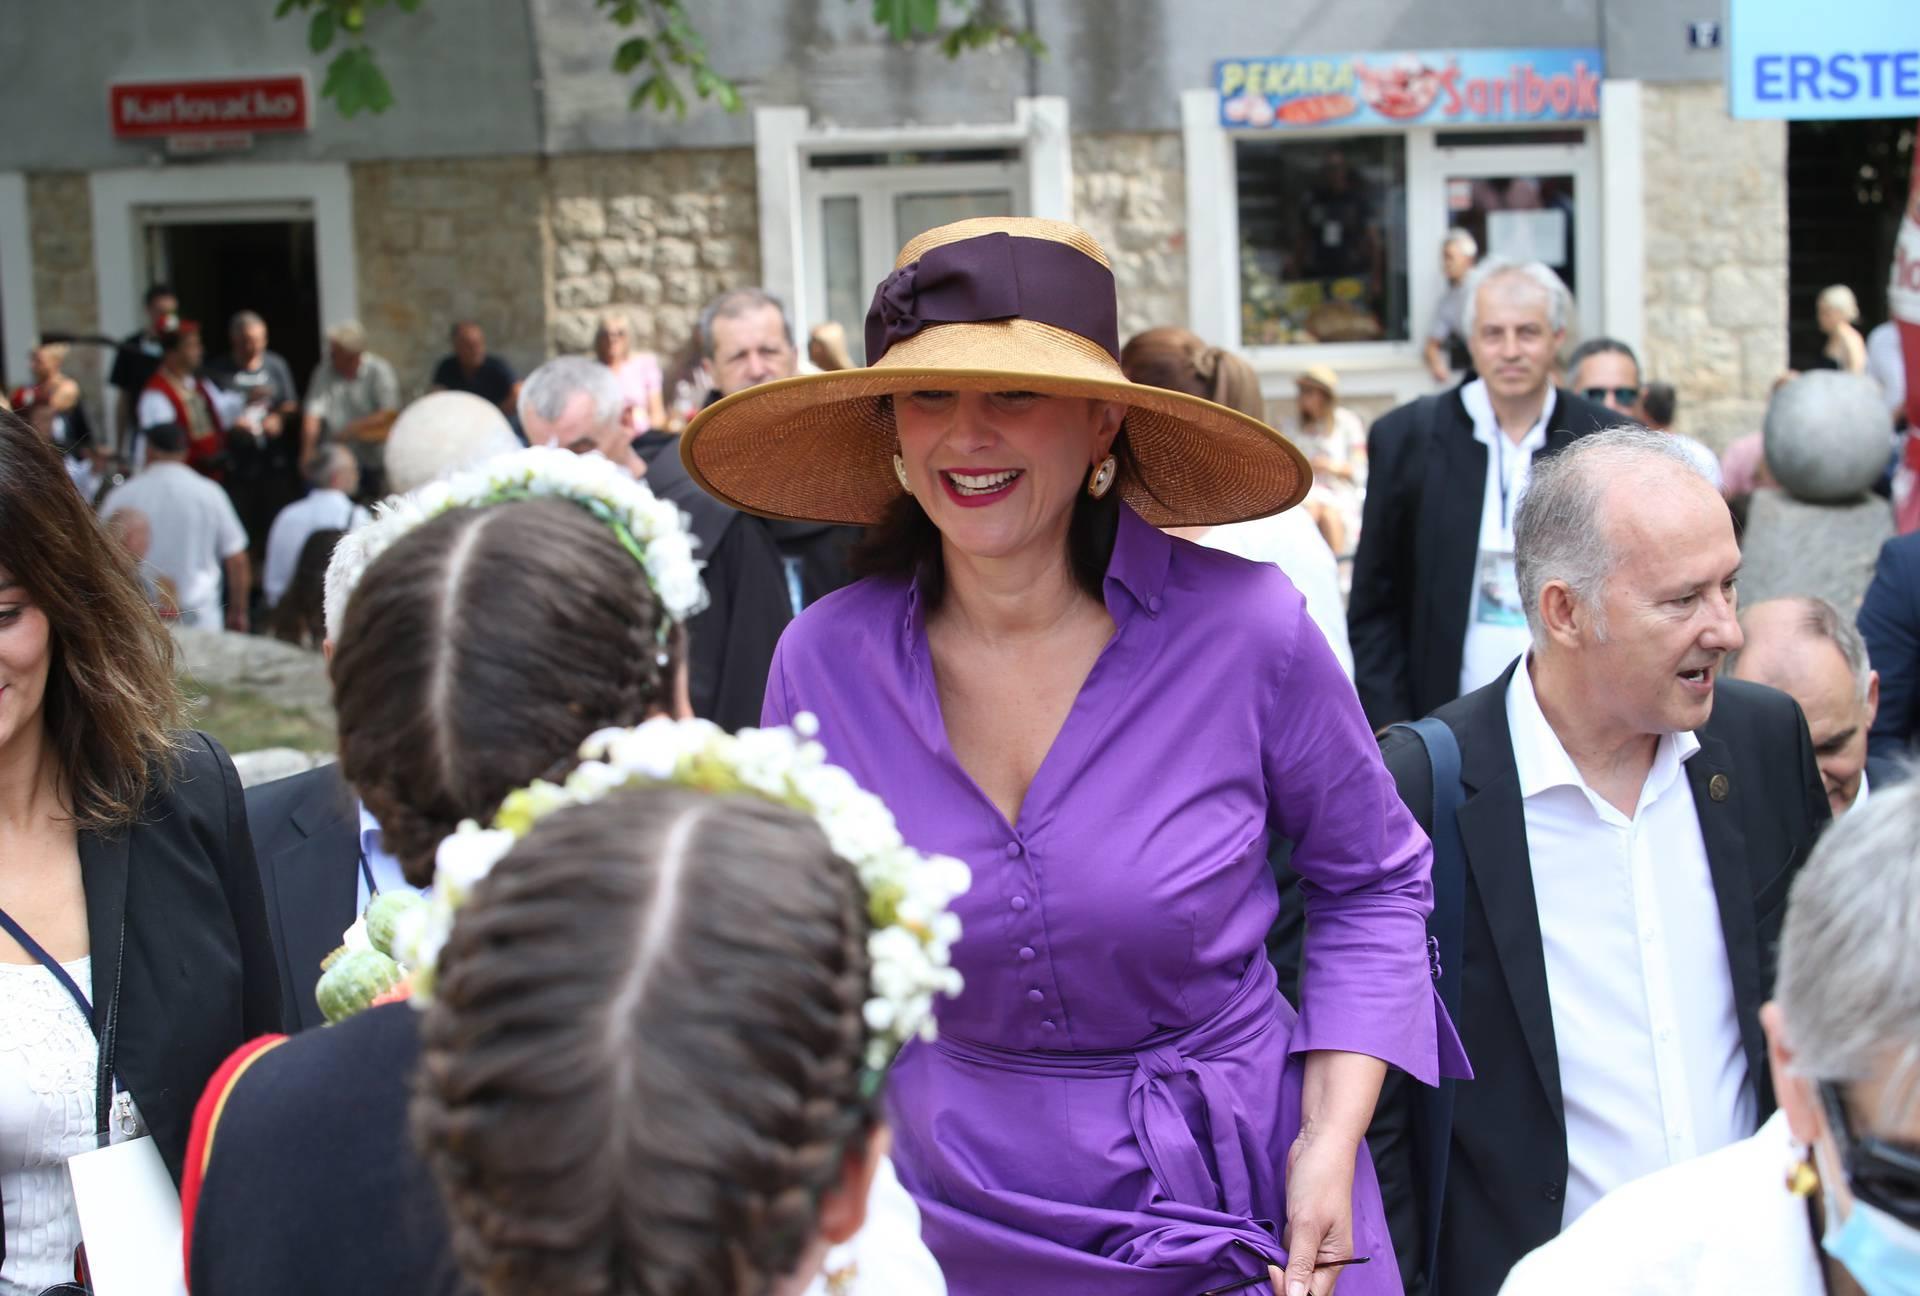 Sanja Milanović je odjevnom kombinacijom privukla pažnju: Pojavila se s ogromnim šeširom